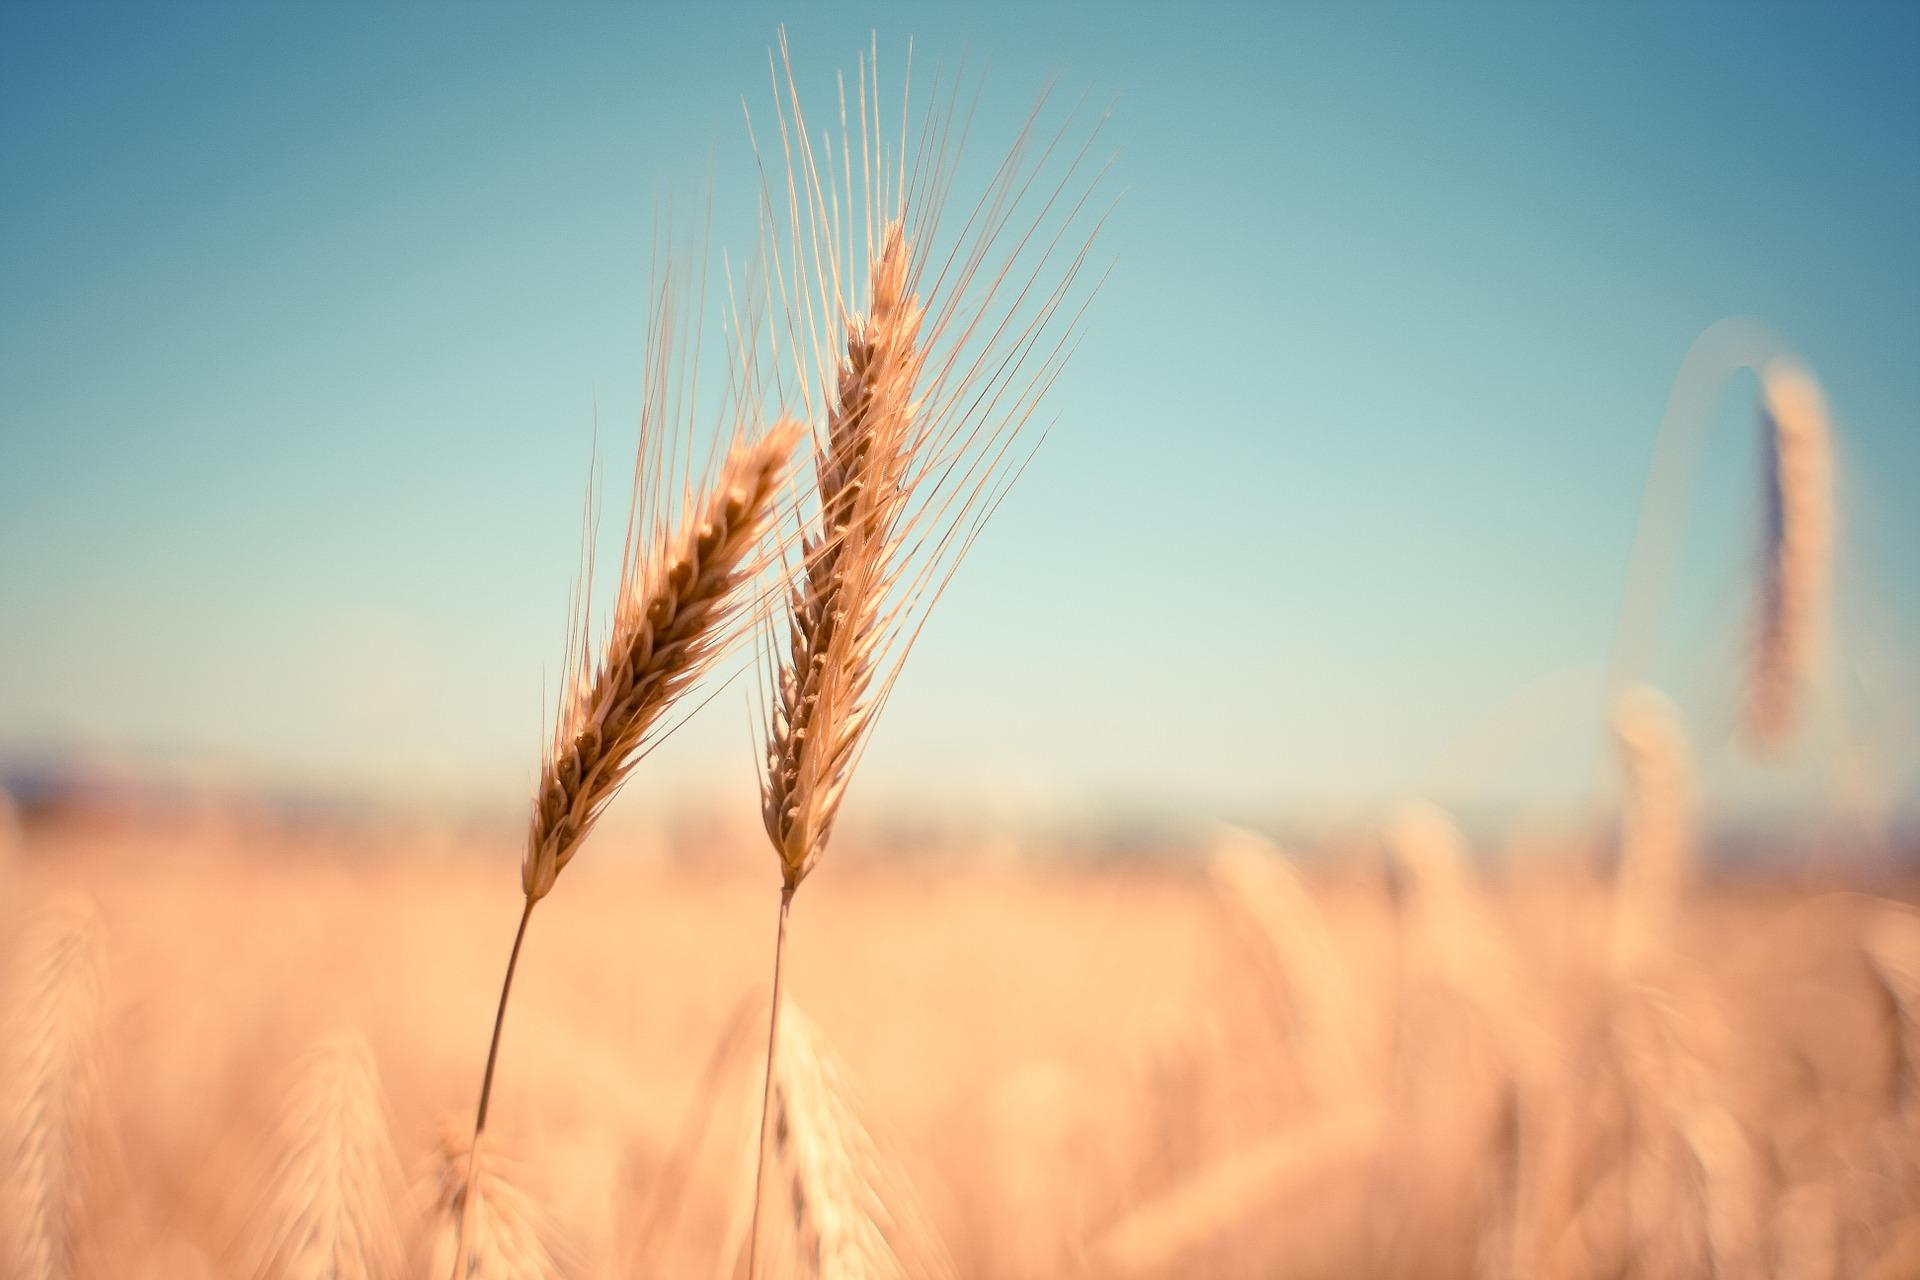 wheat-865152_1920